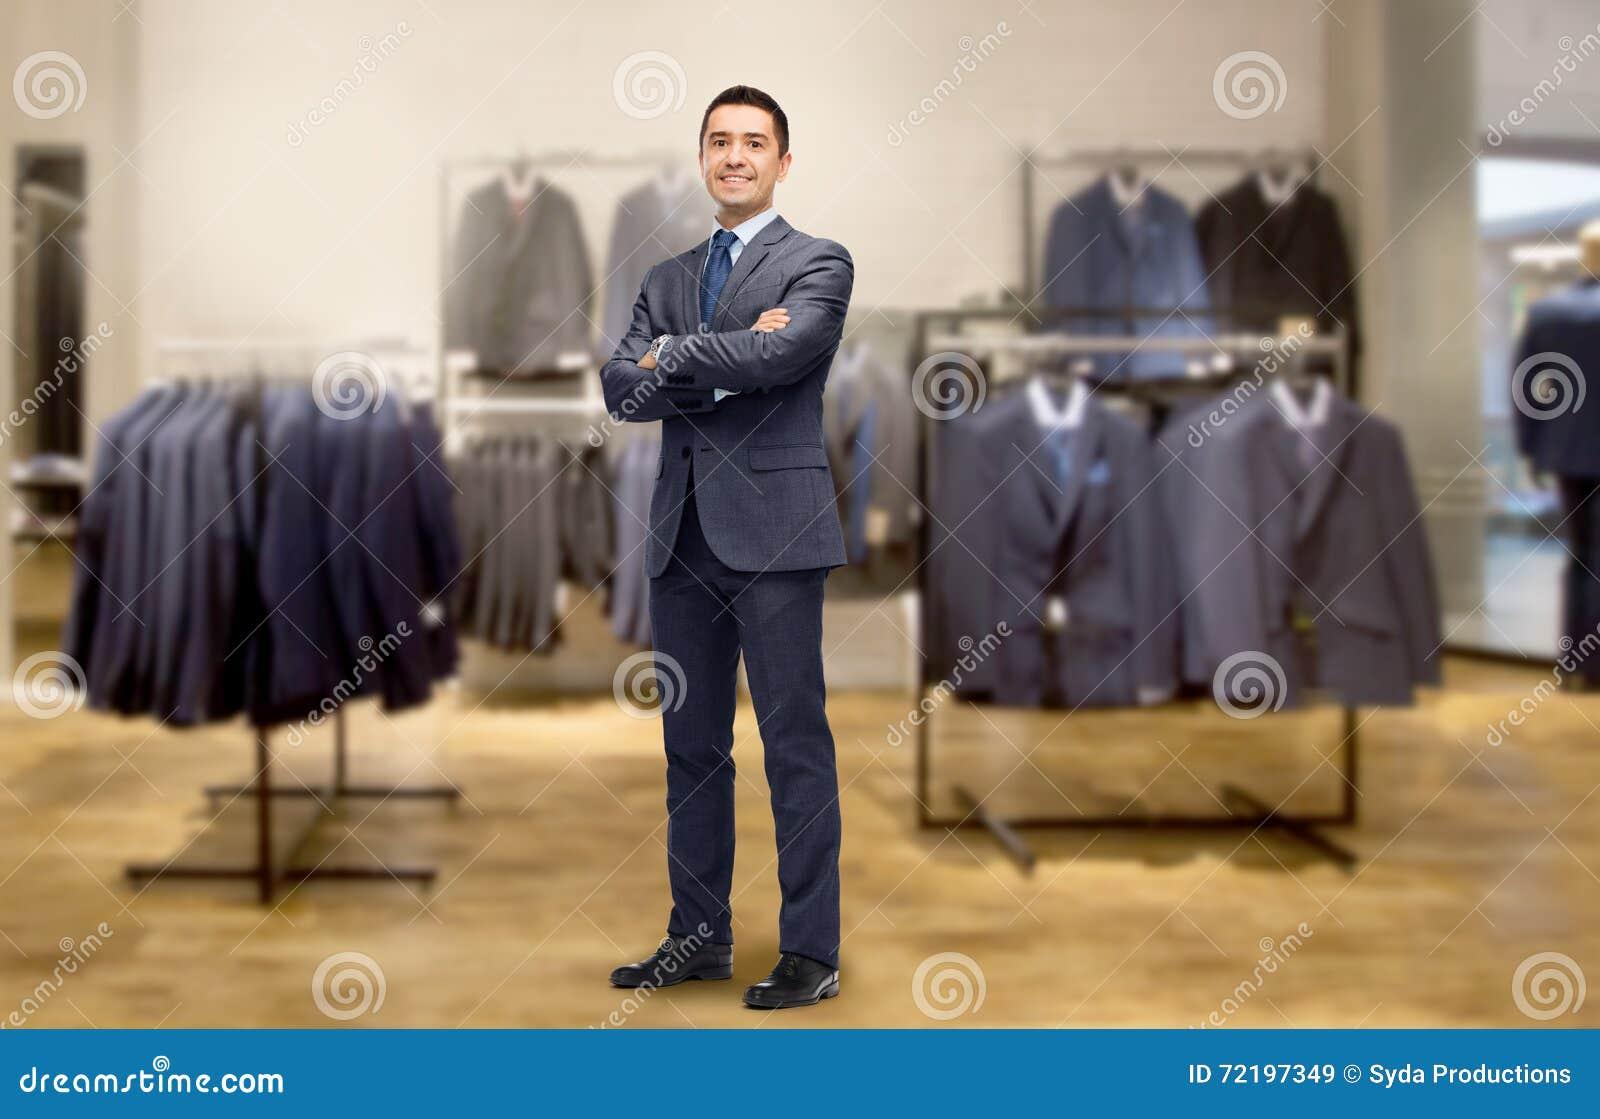 485fbdbe3 Hombre De Negocios Feliz En Traje Sobre Tienda De Ropa Imagen de ...